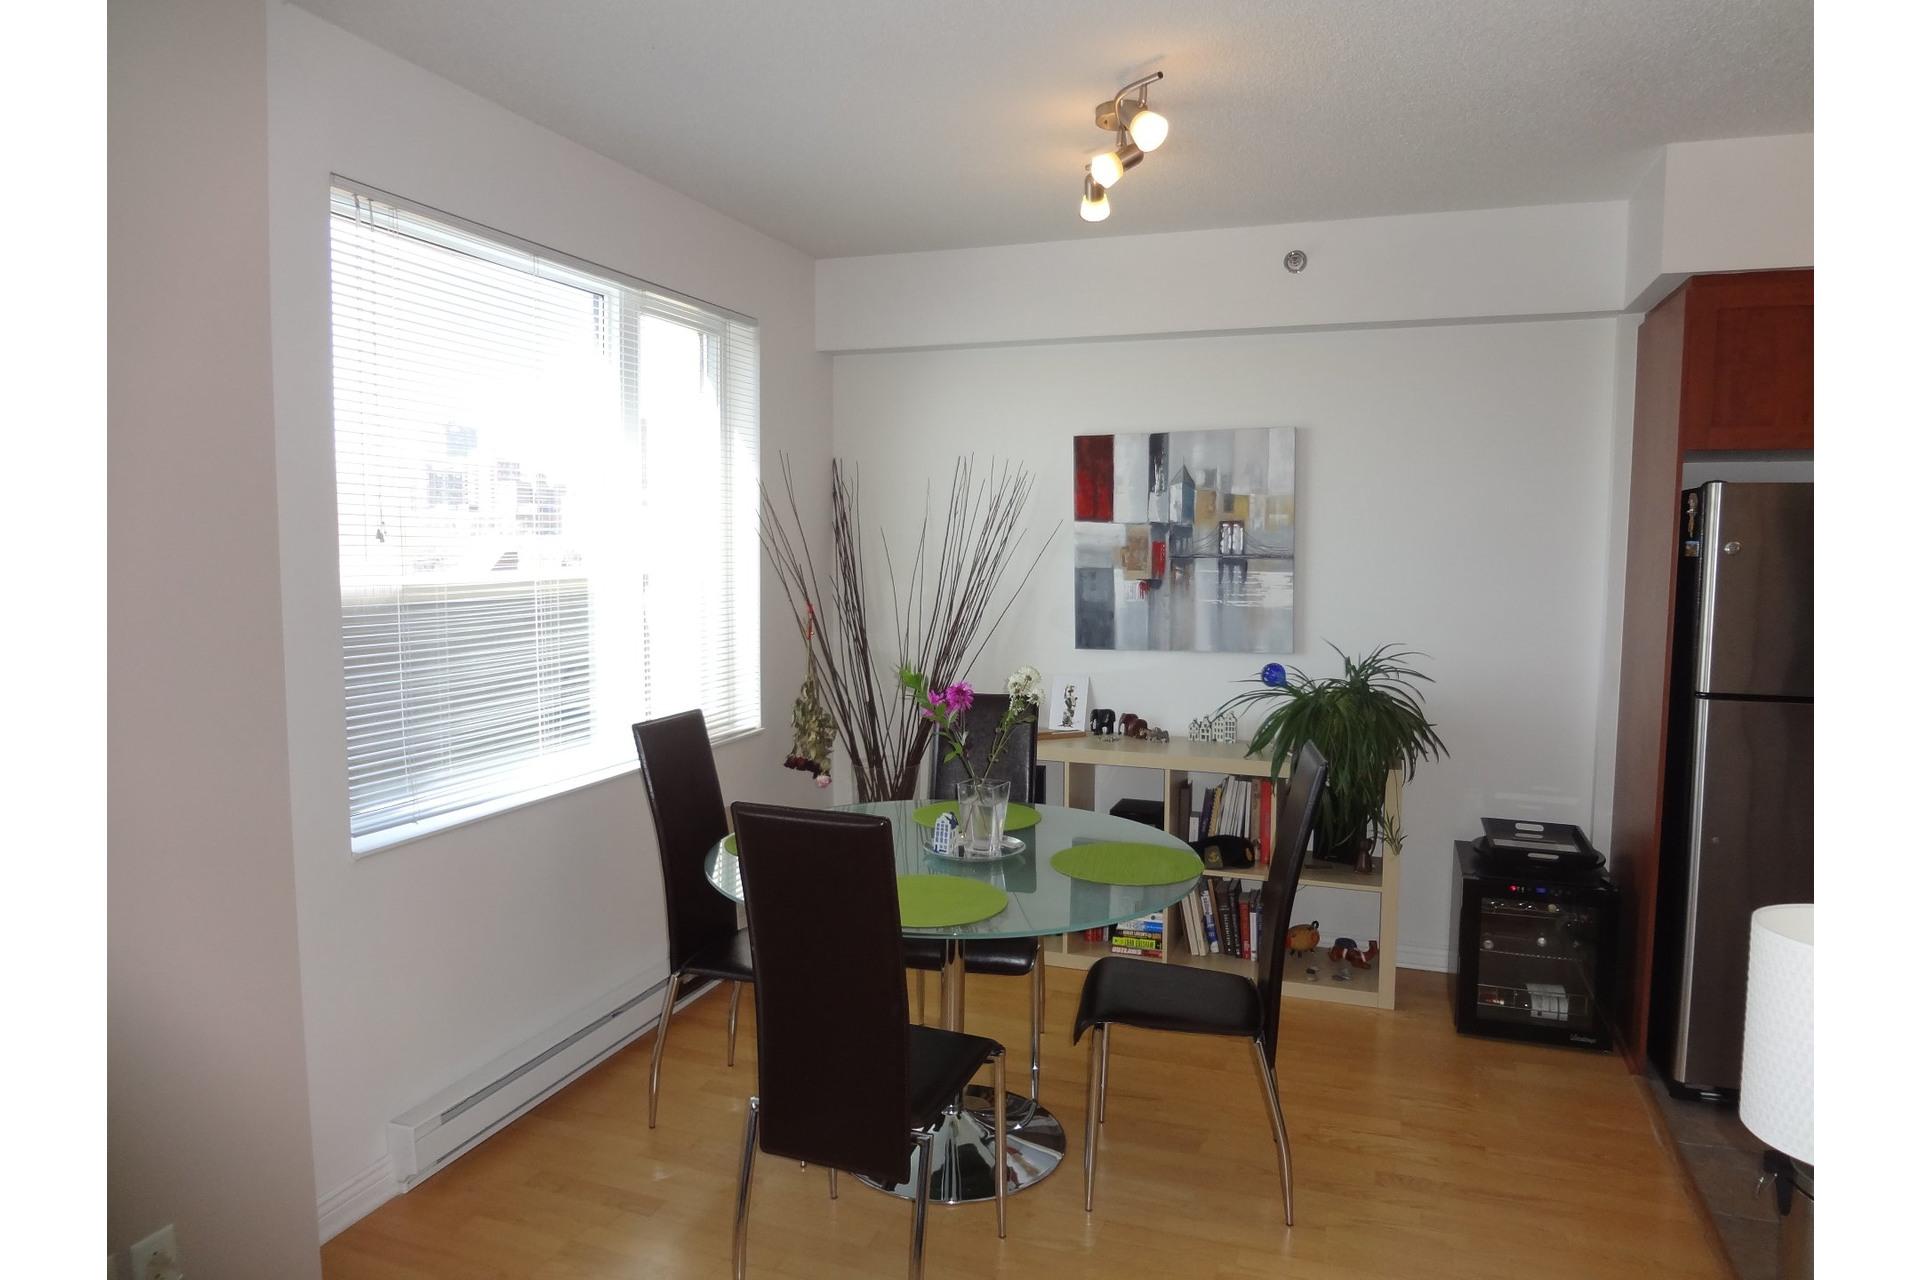 image 3 - Apartment For rent Montréal Ville-Marie  - 4 rooms